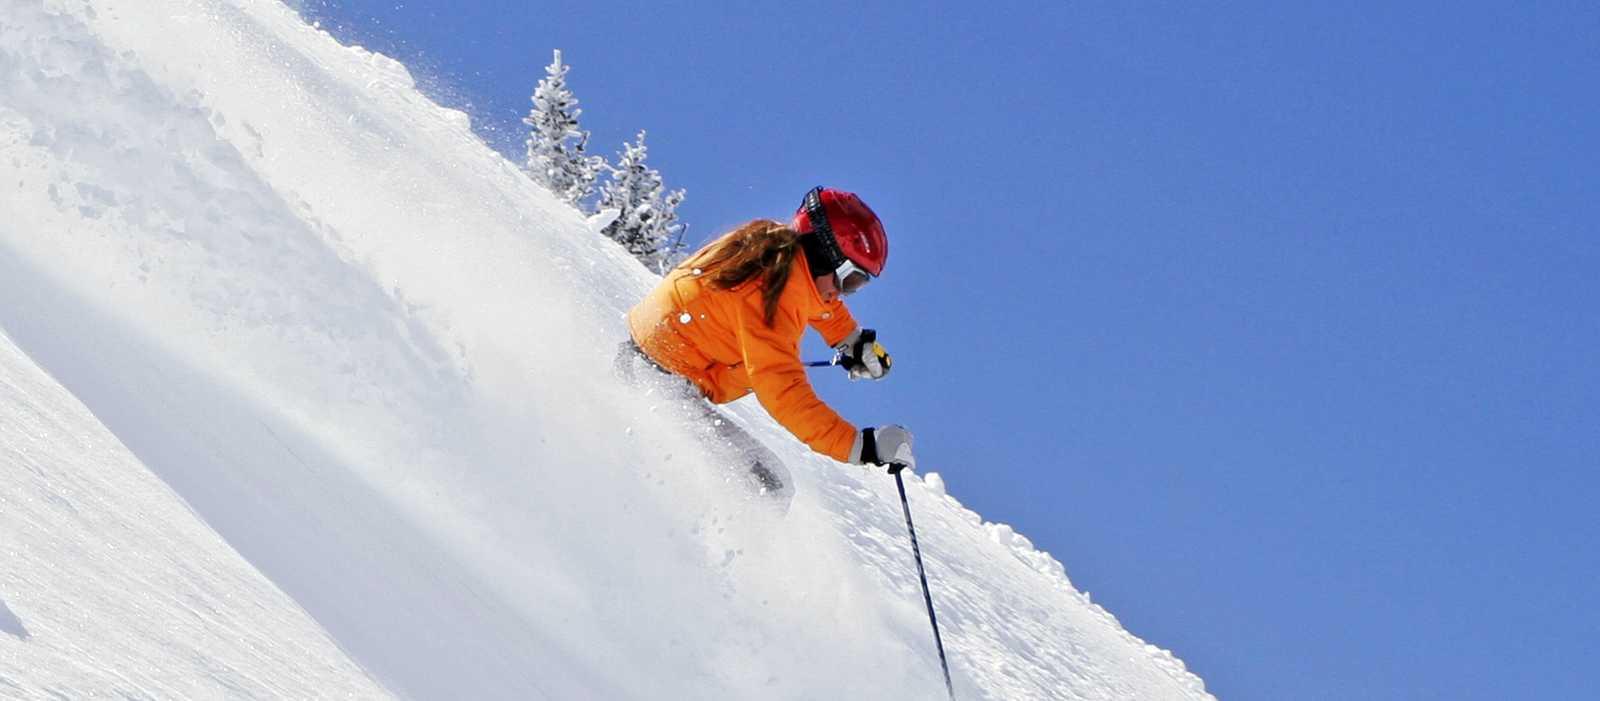 Skifahrer bei der Abfahrt im Powder